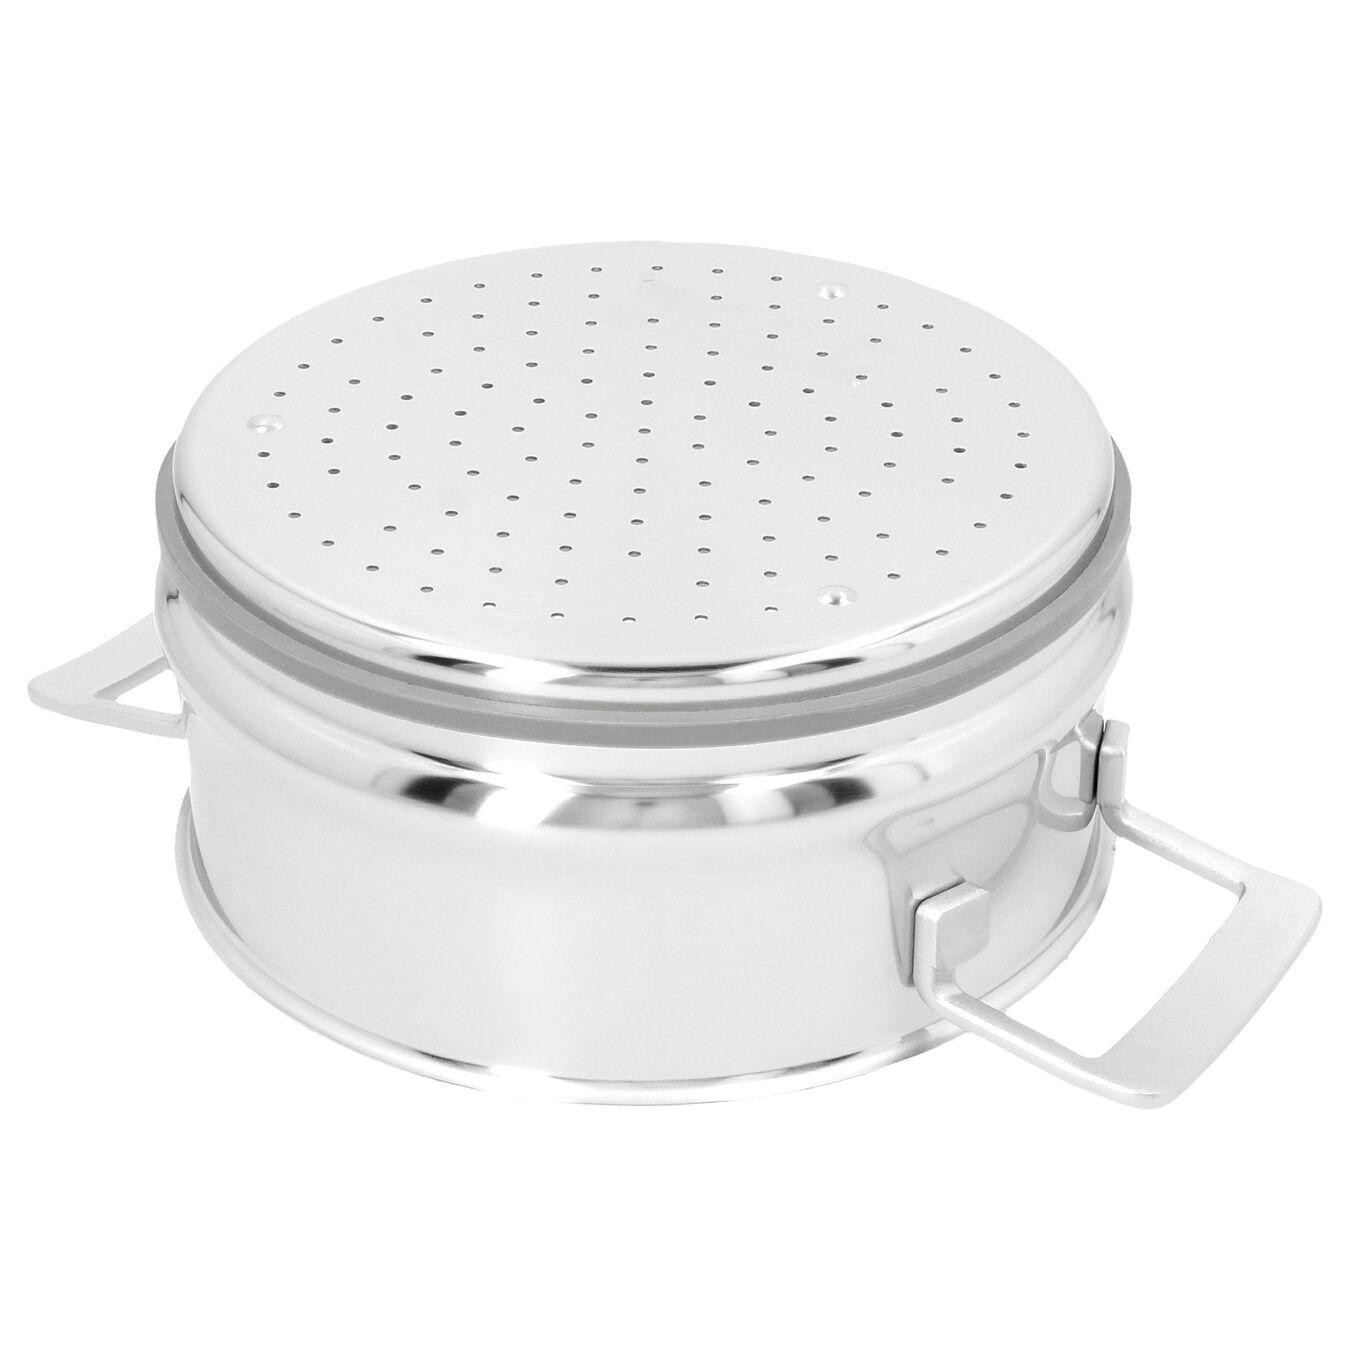 Passoire pour cuit vapeur 24 cm, Inox 18/10,,large 2